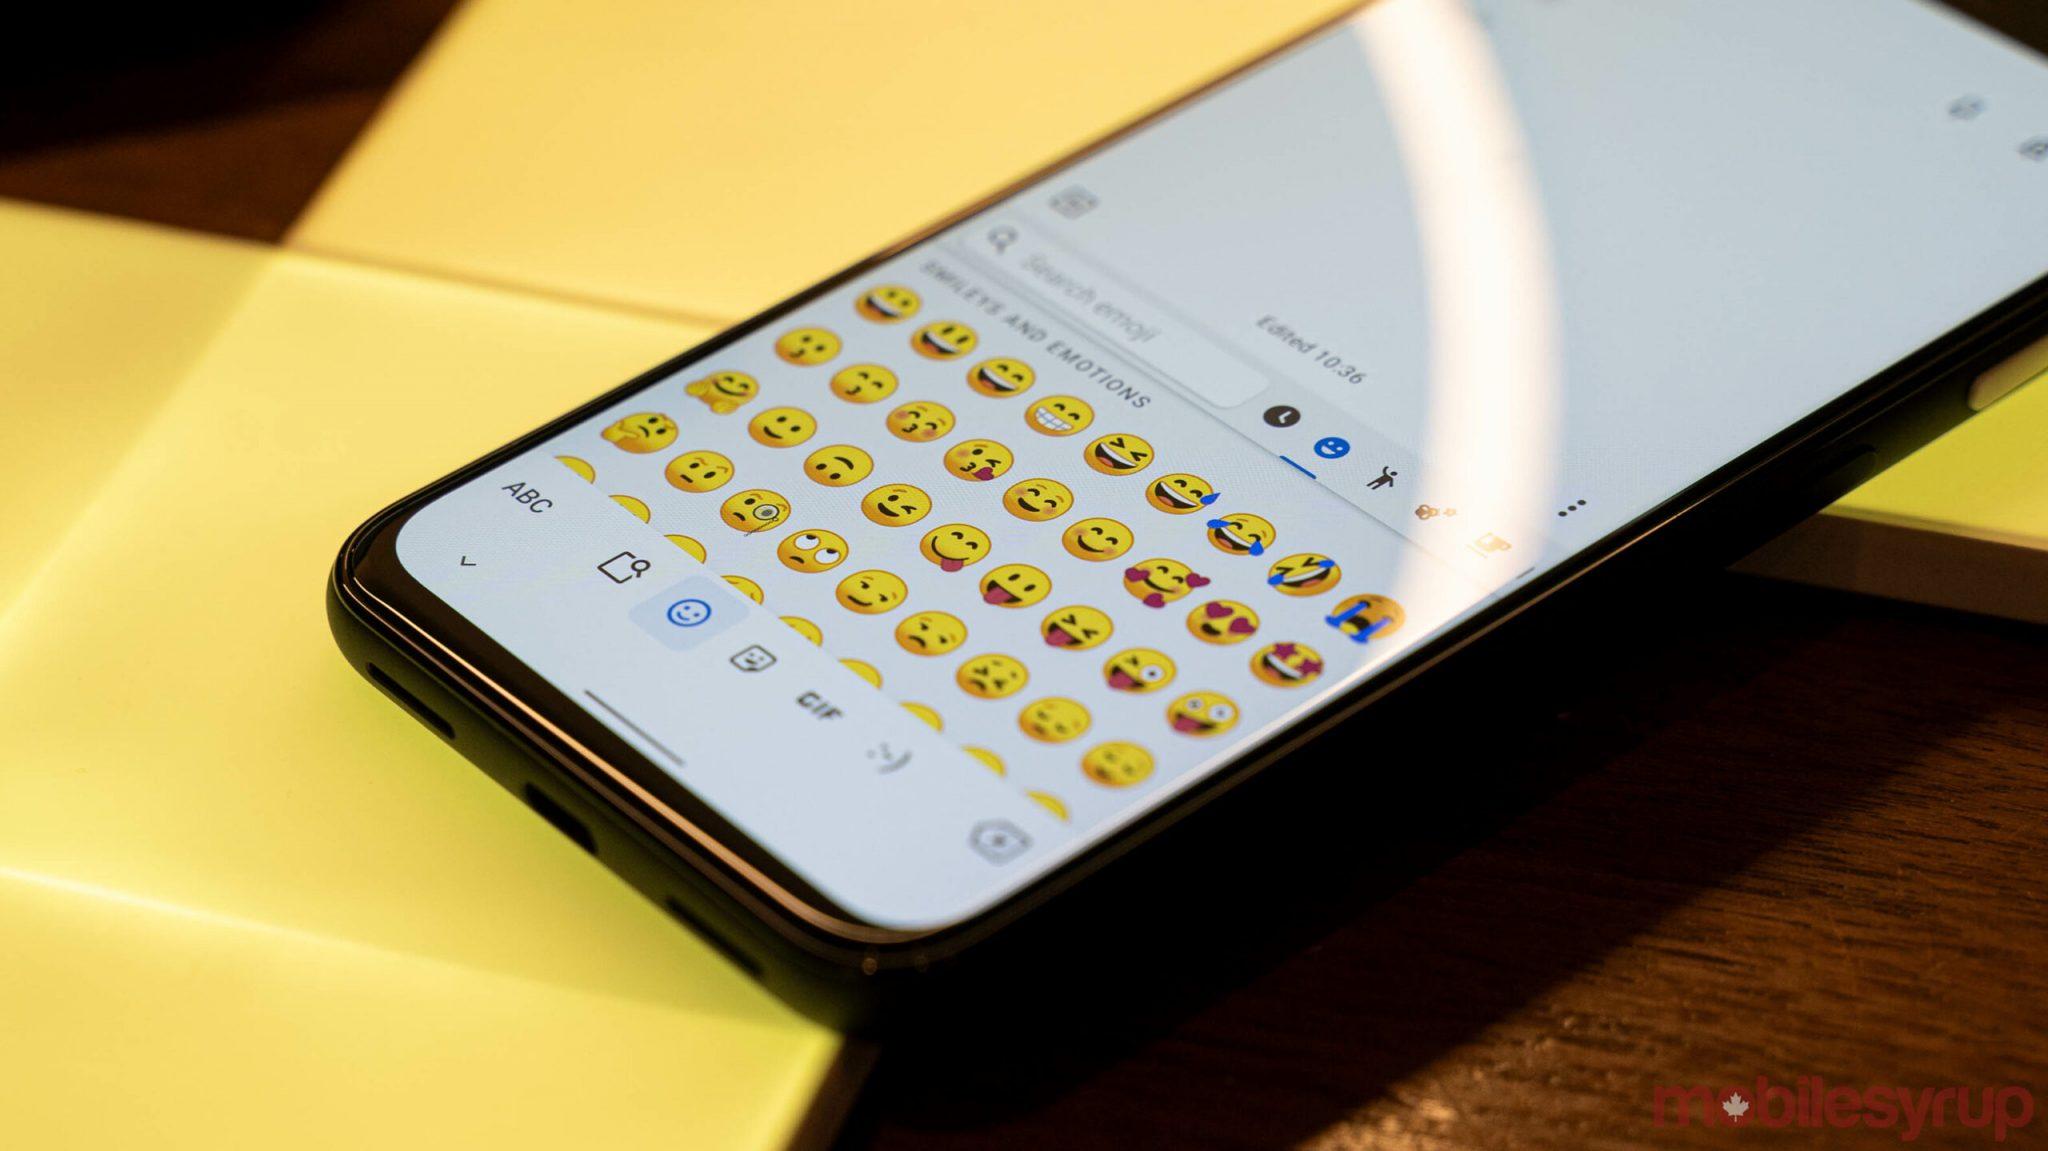 Android: Google pensa ad aggiornare le emoji senza un update del sistema operativo